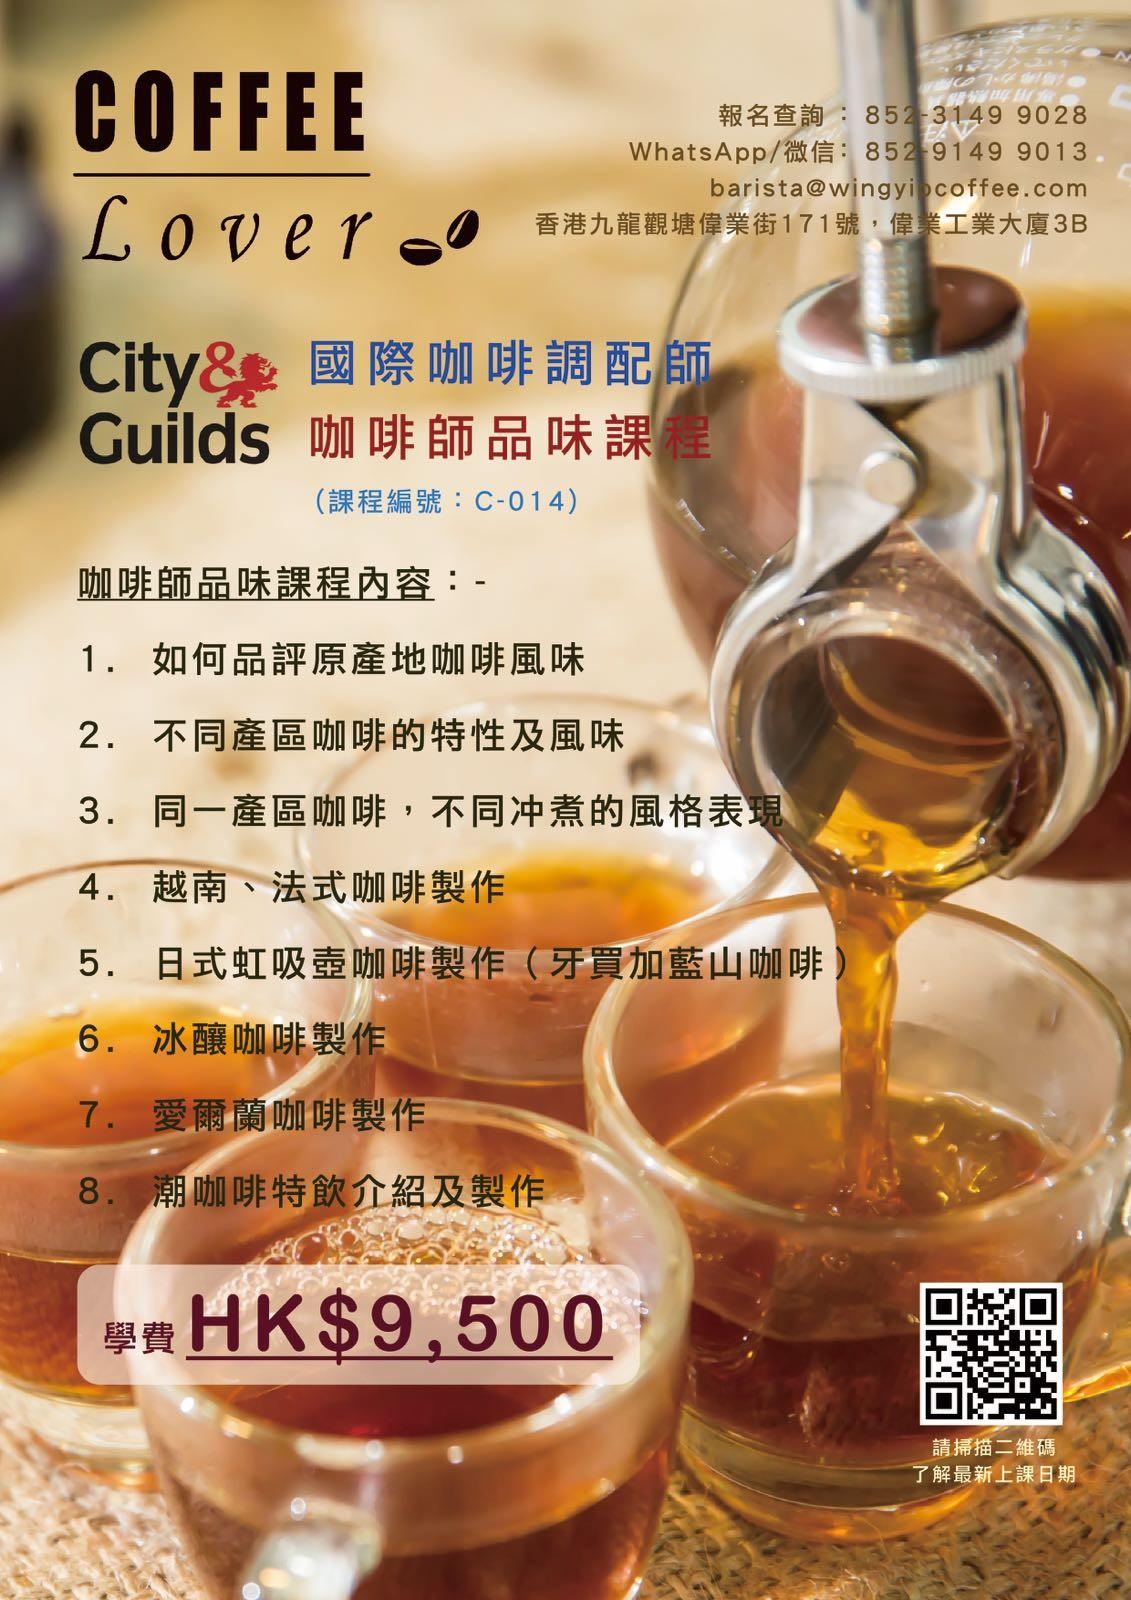 咖啡師課程 - 咖啡師品味課程  (第185屆) 2019.09.20 (FRI)